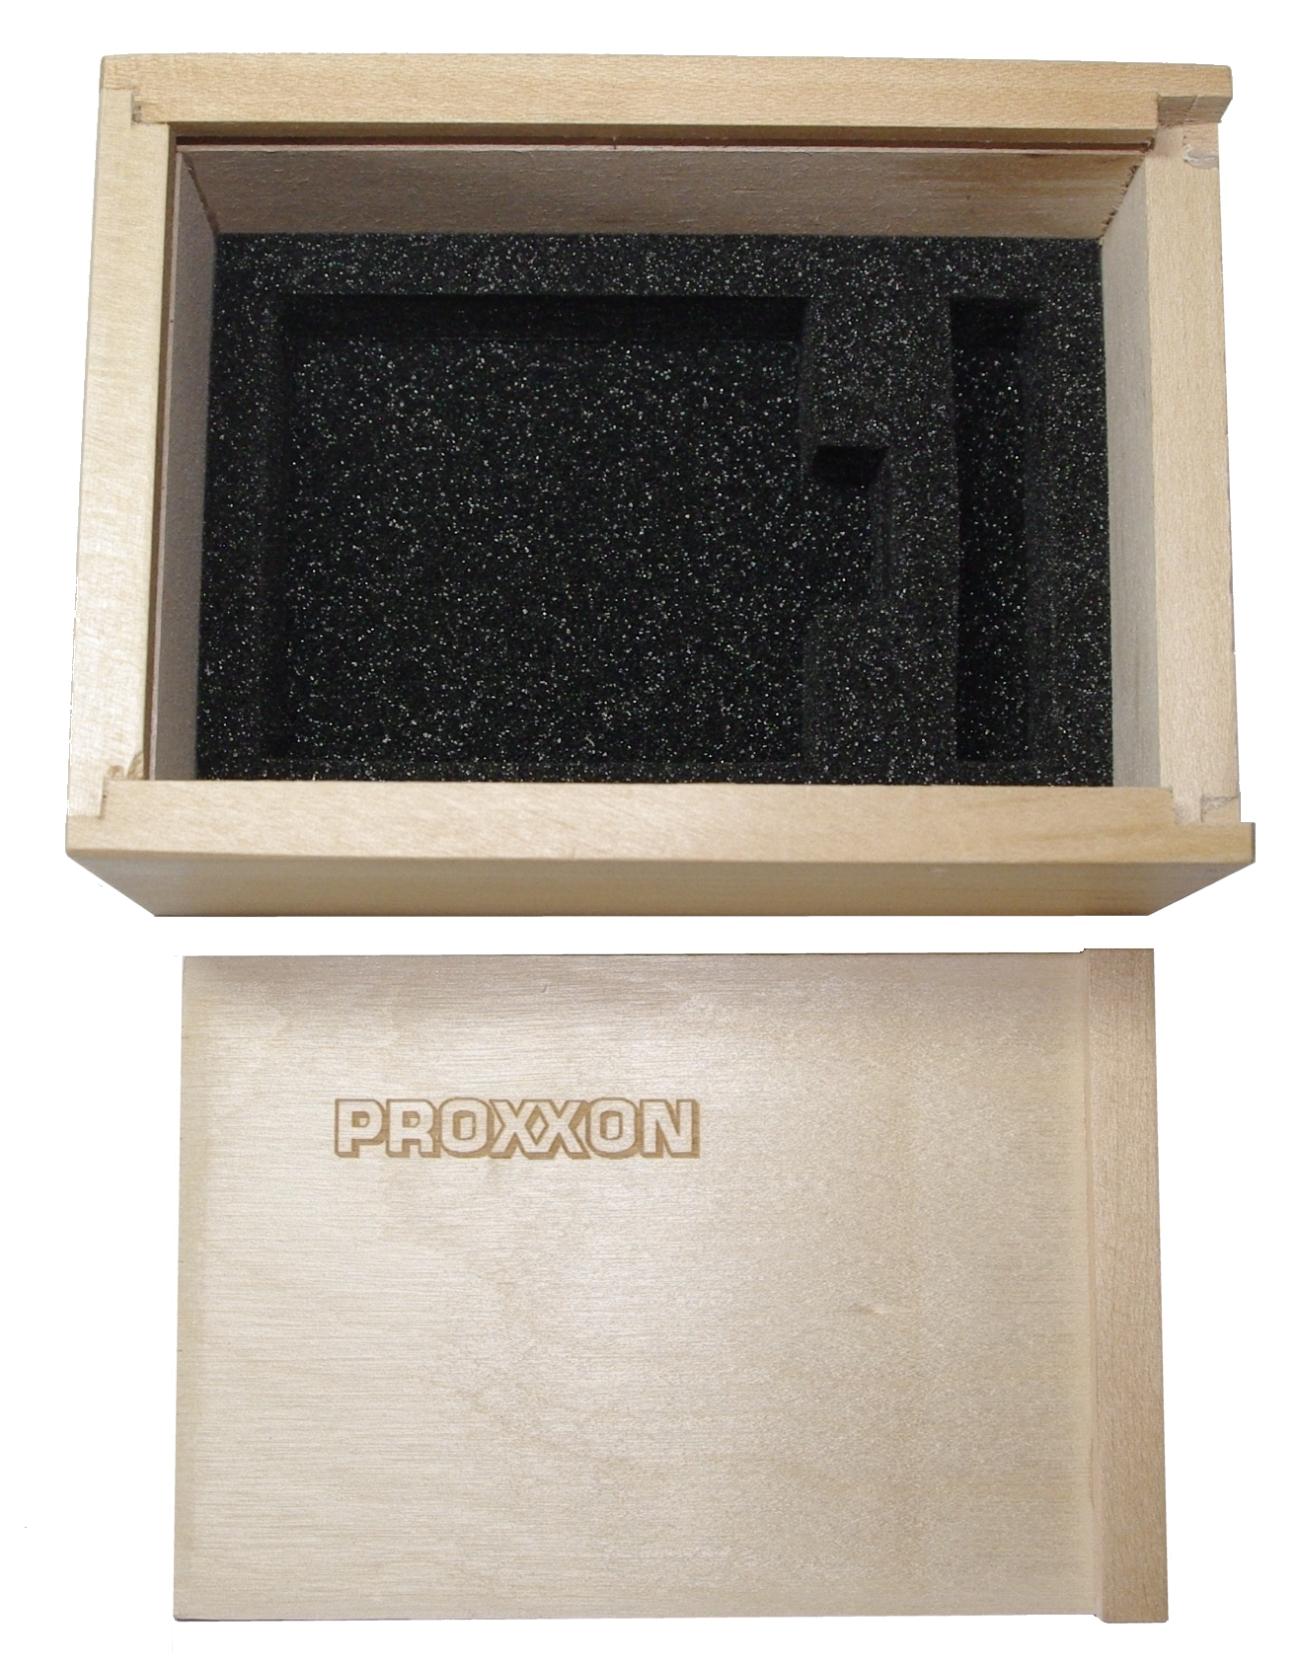 PROXXON 24255-97 Holzkasten Leerkasten zu PROXXON 24255